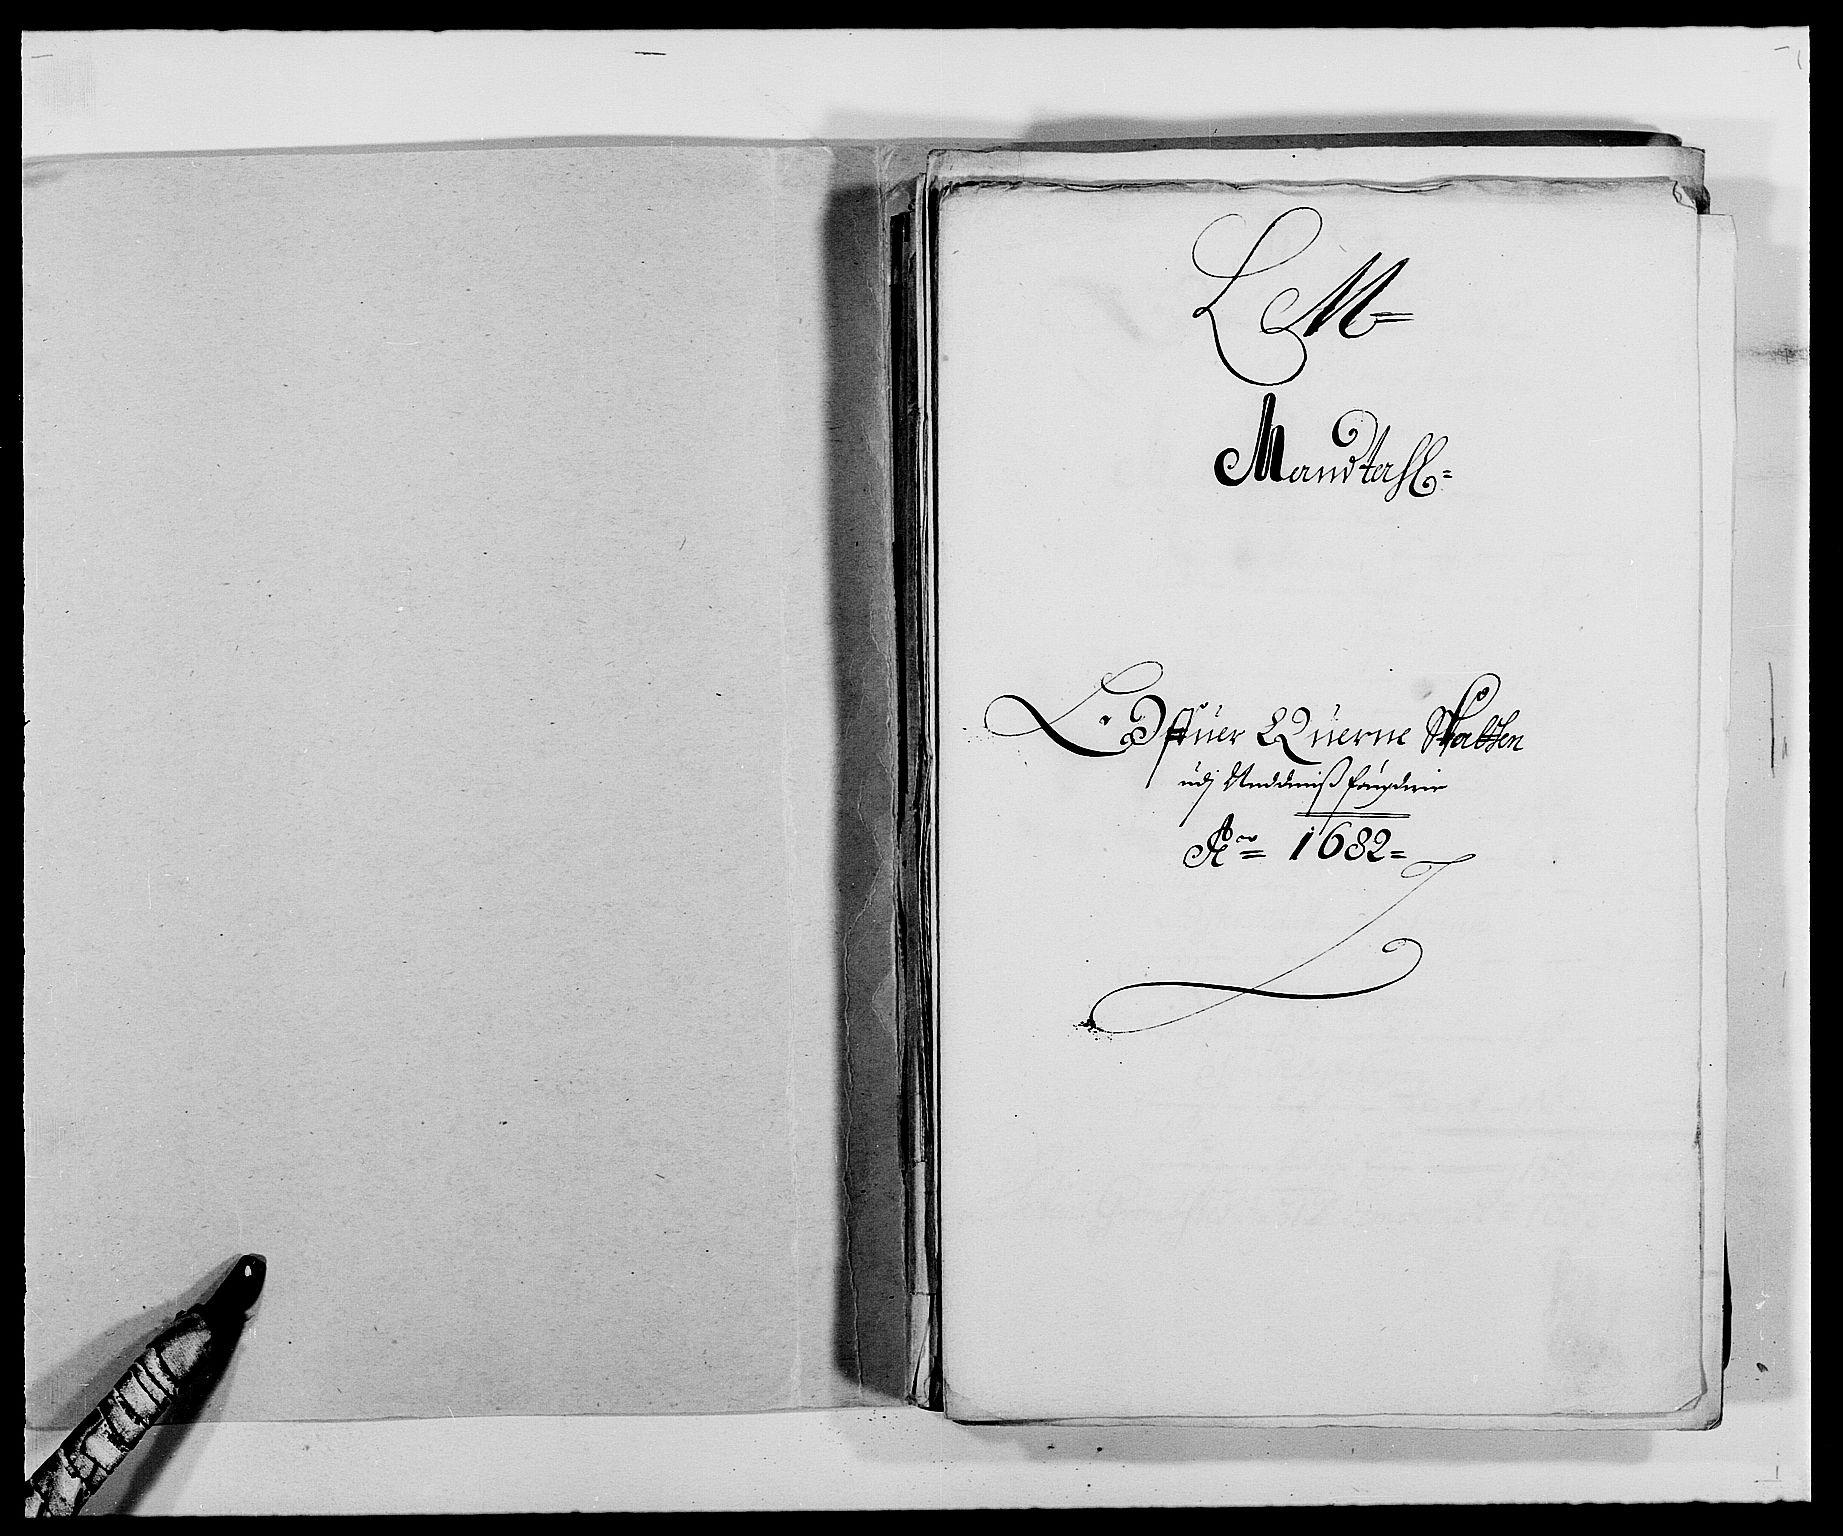 RA, Rentekammeret inntil 1814, Reviderte regnskaper, Fogderegnskap, R39/L2304: Fogderegnskap Nedenes, 1680-1682, s. 336